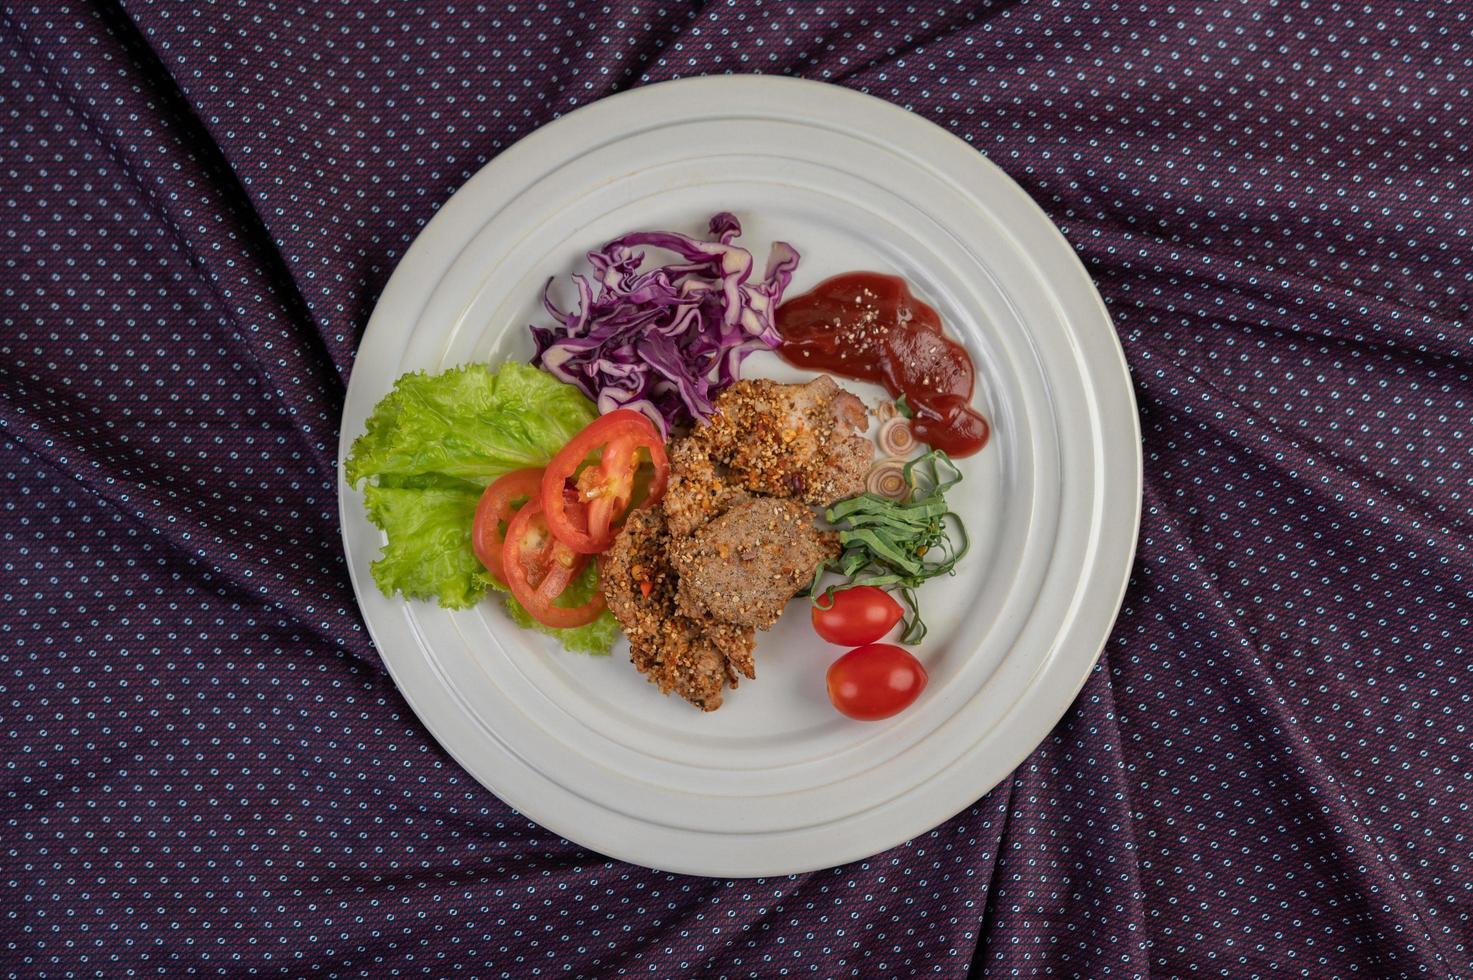 Varkenssalade met paprika, tomaat, citroen, limoen, knoflook en salade foto